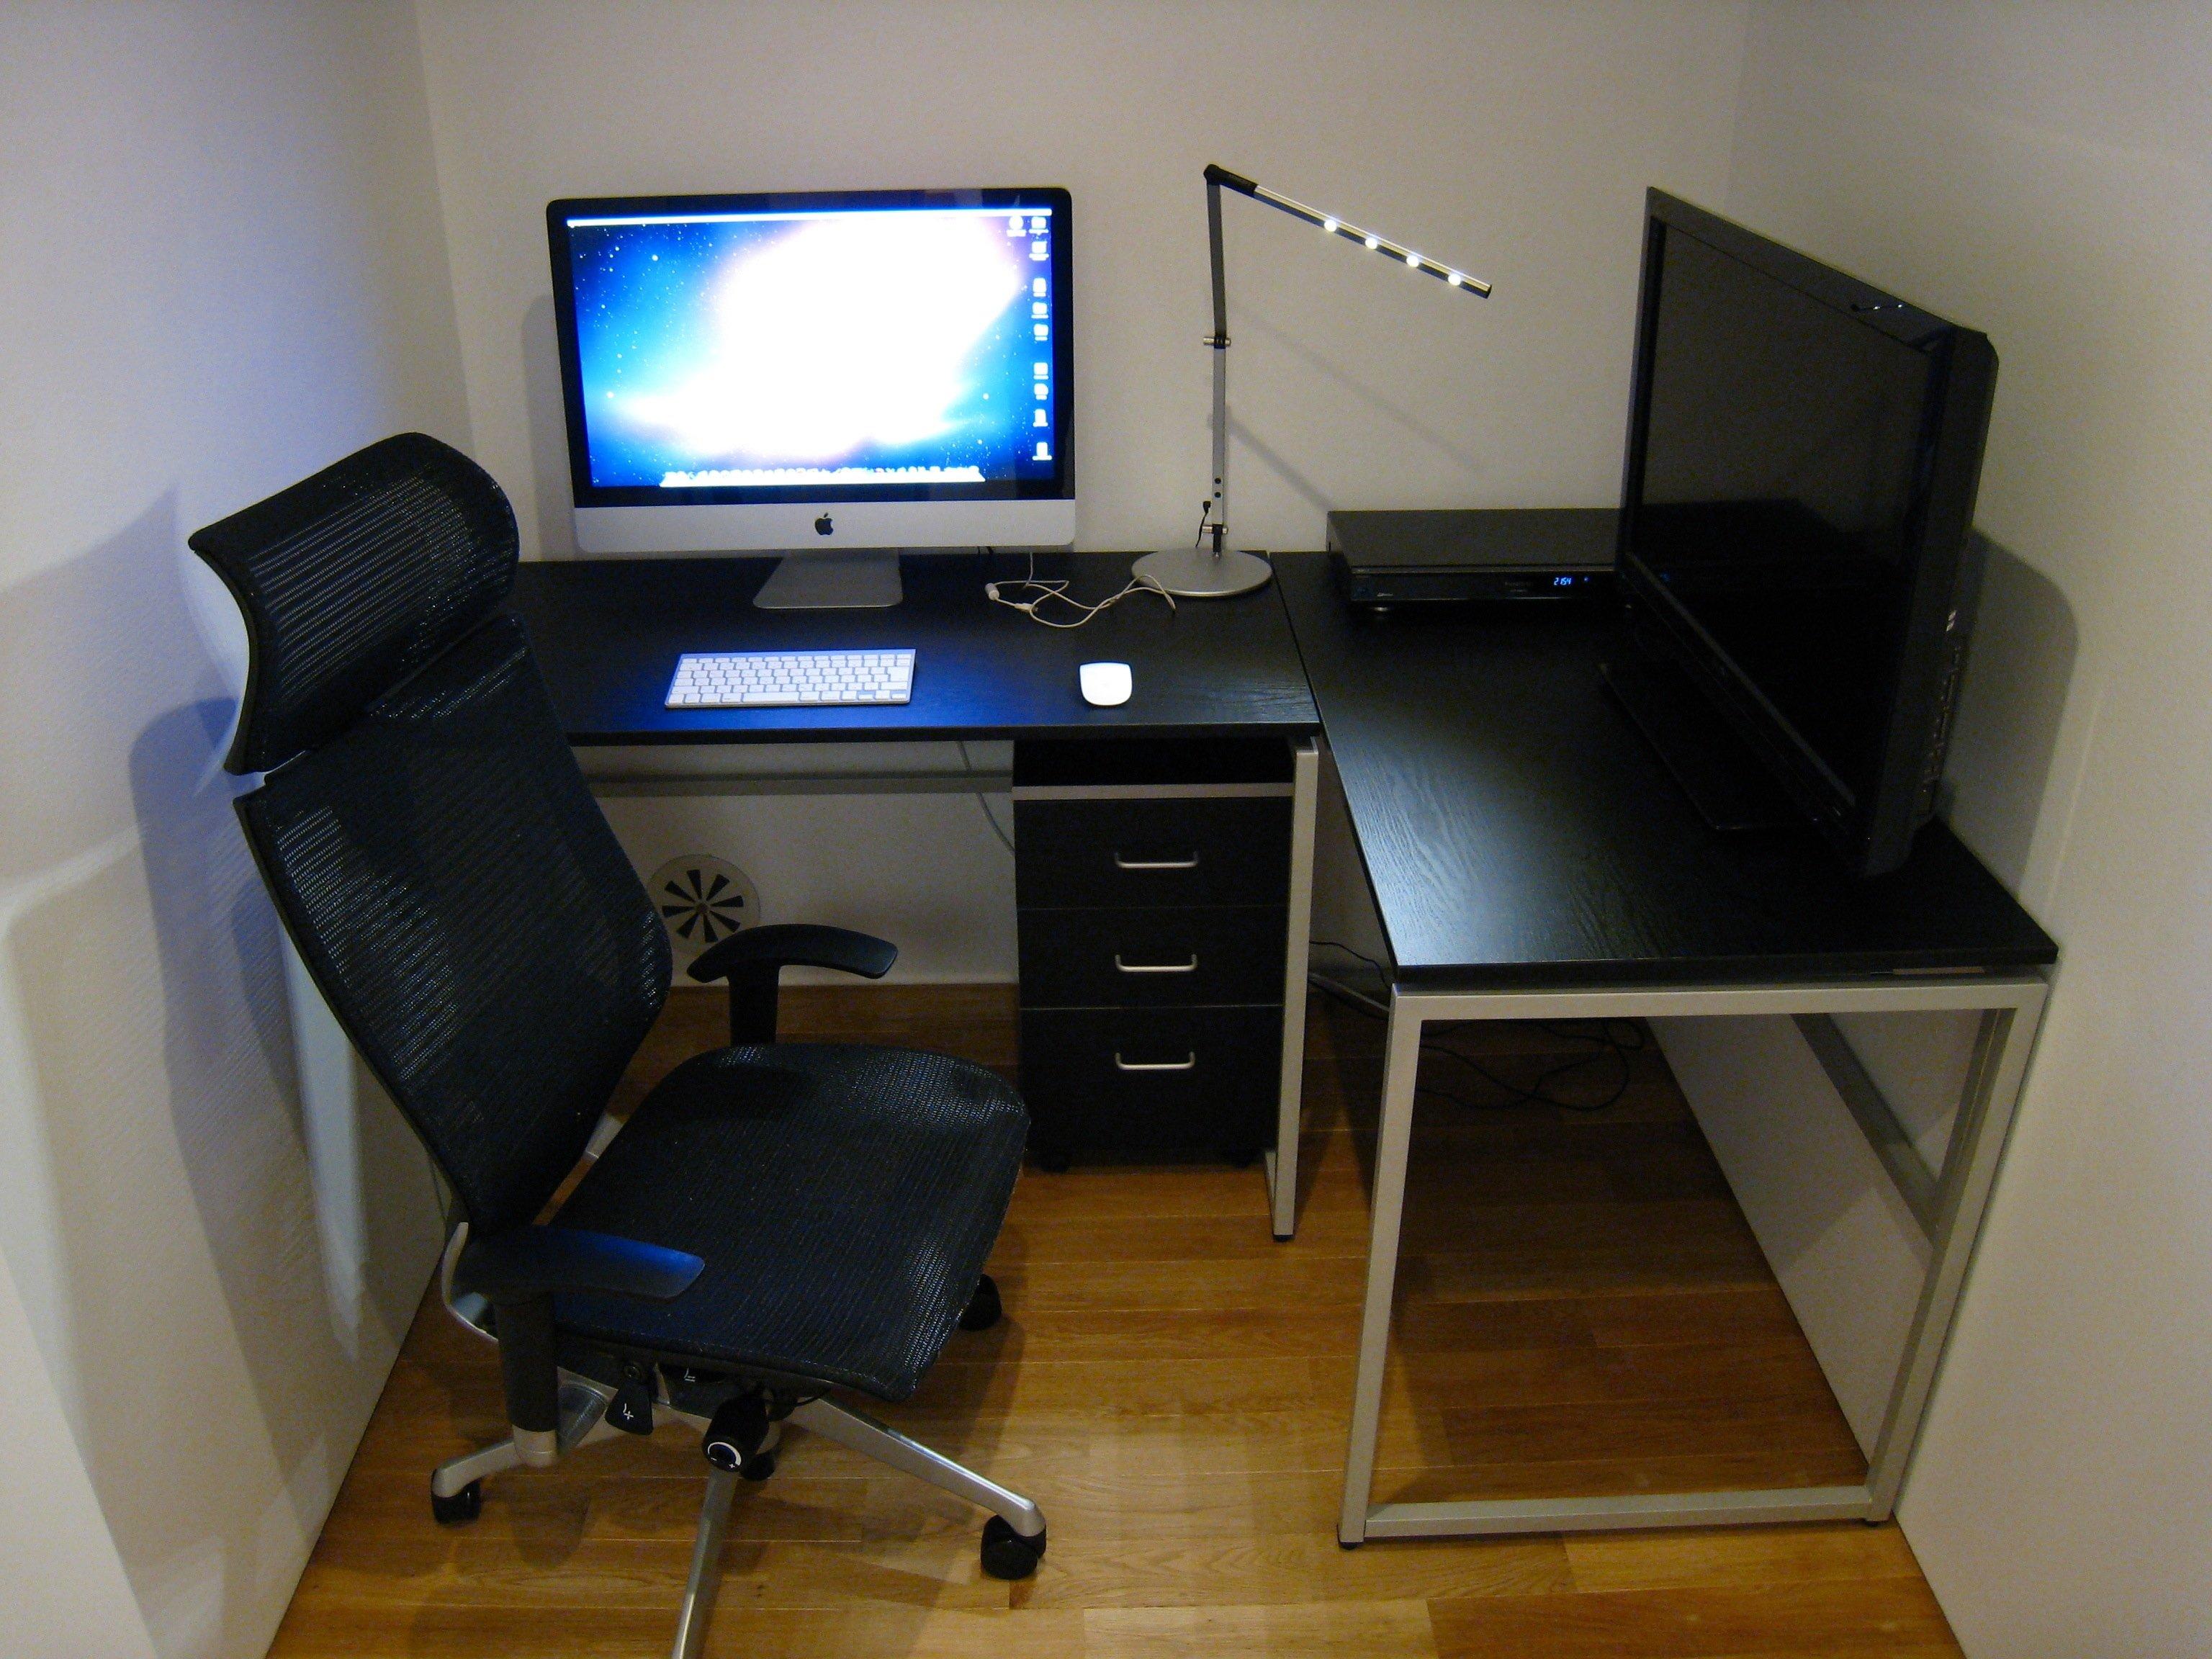 リビング 狭いリビング : 書斎が完成!:Pのマイホーム ...